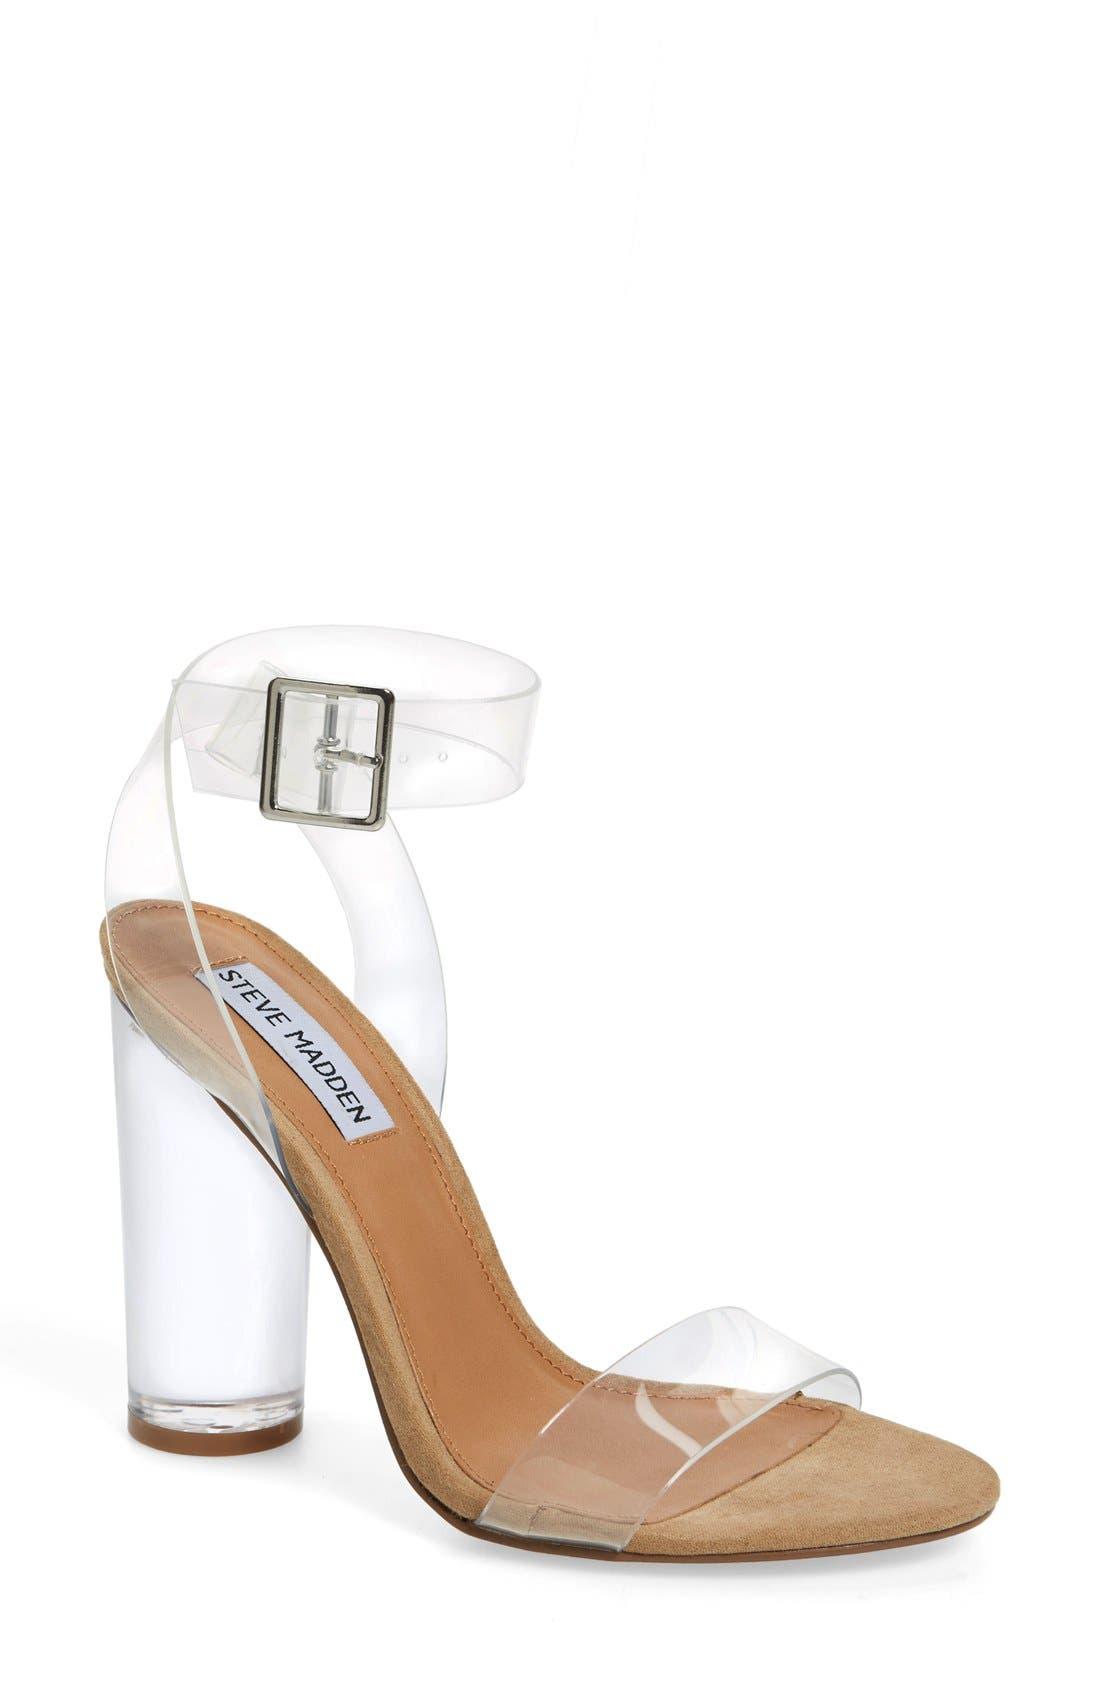 STEVE MADDEN Clearer Column Heel Sandal